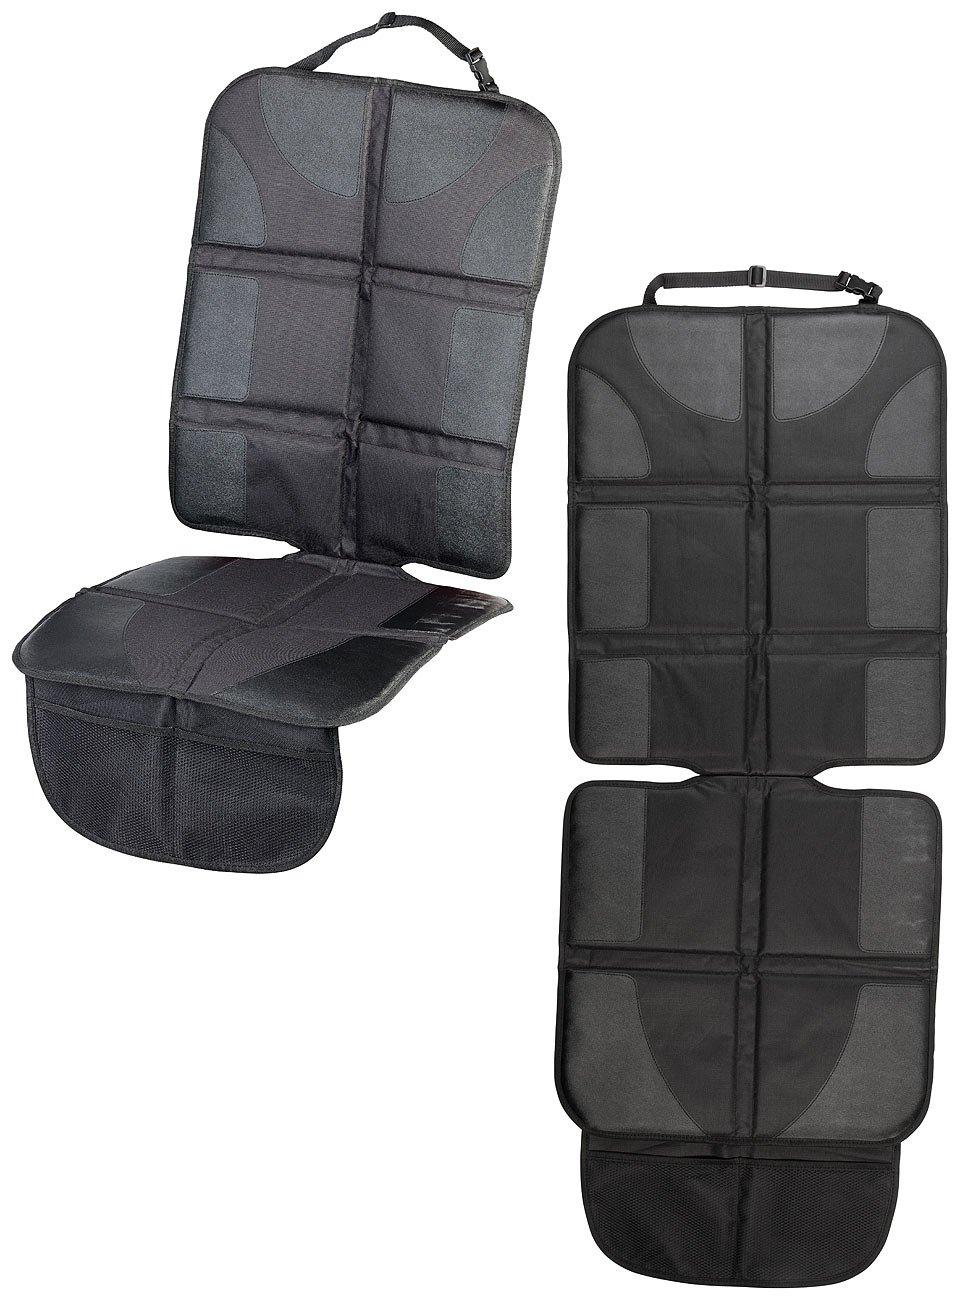 Autositz-Schutzunterlage Isofix-geeignet Lescars Sitzauflage: 2er-Set Premium-Kindersitz-Unterlage 2 Netztaschen